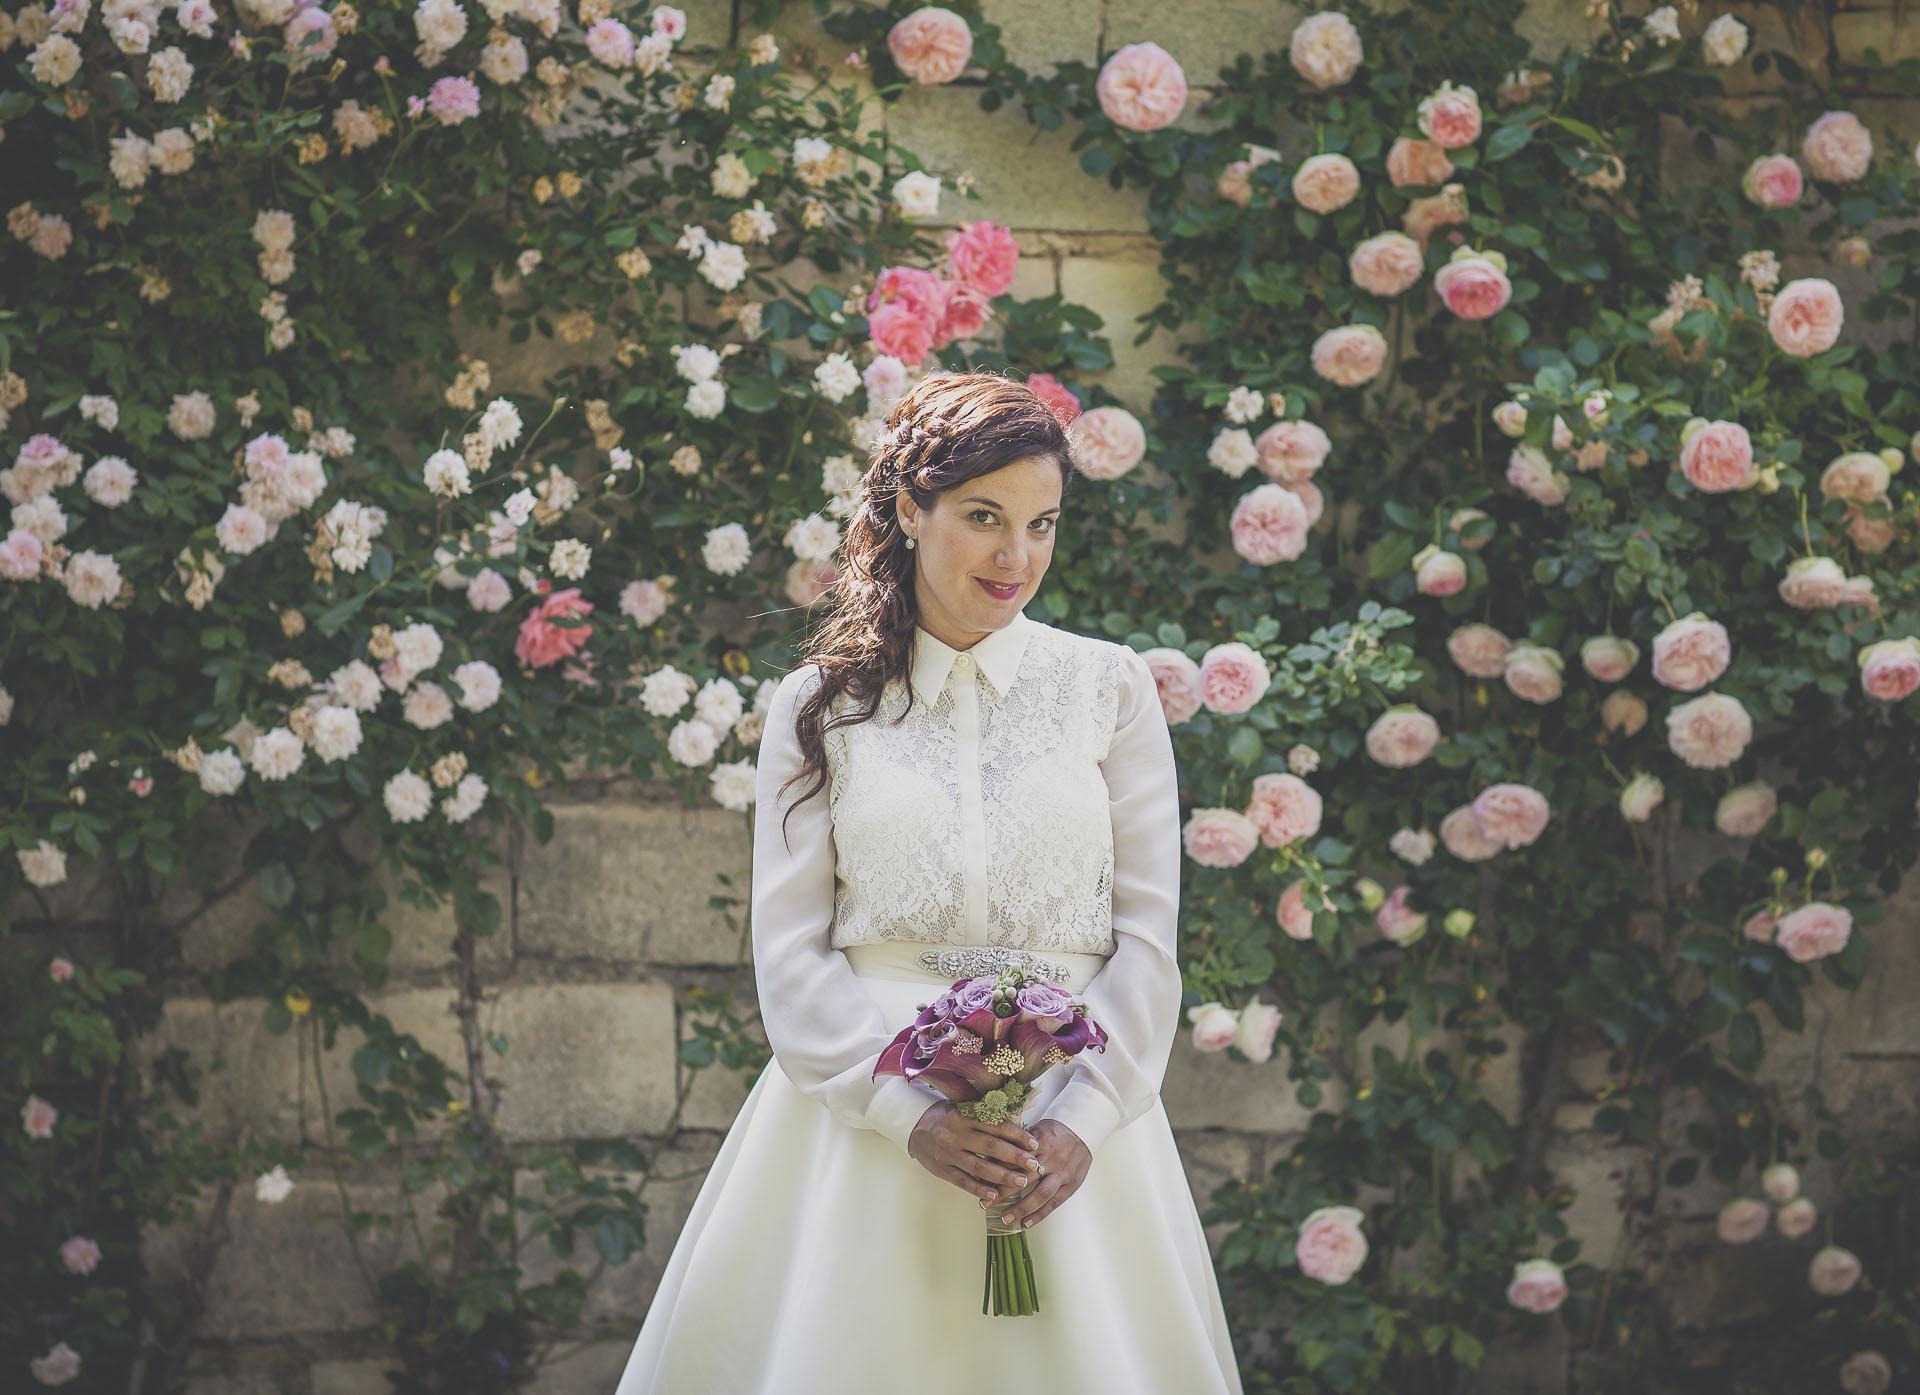 novia en boda y flores - aldatz fotografía - fotógrafo: Iñaki Aldatz